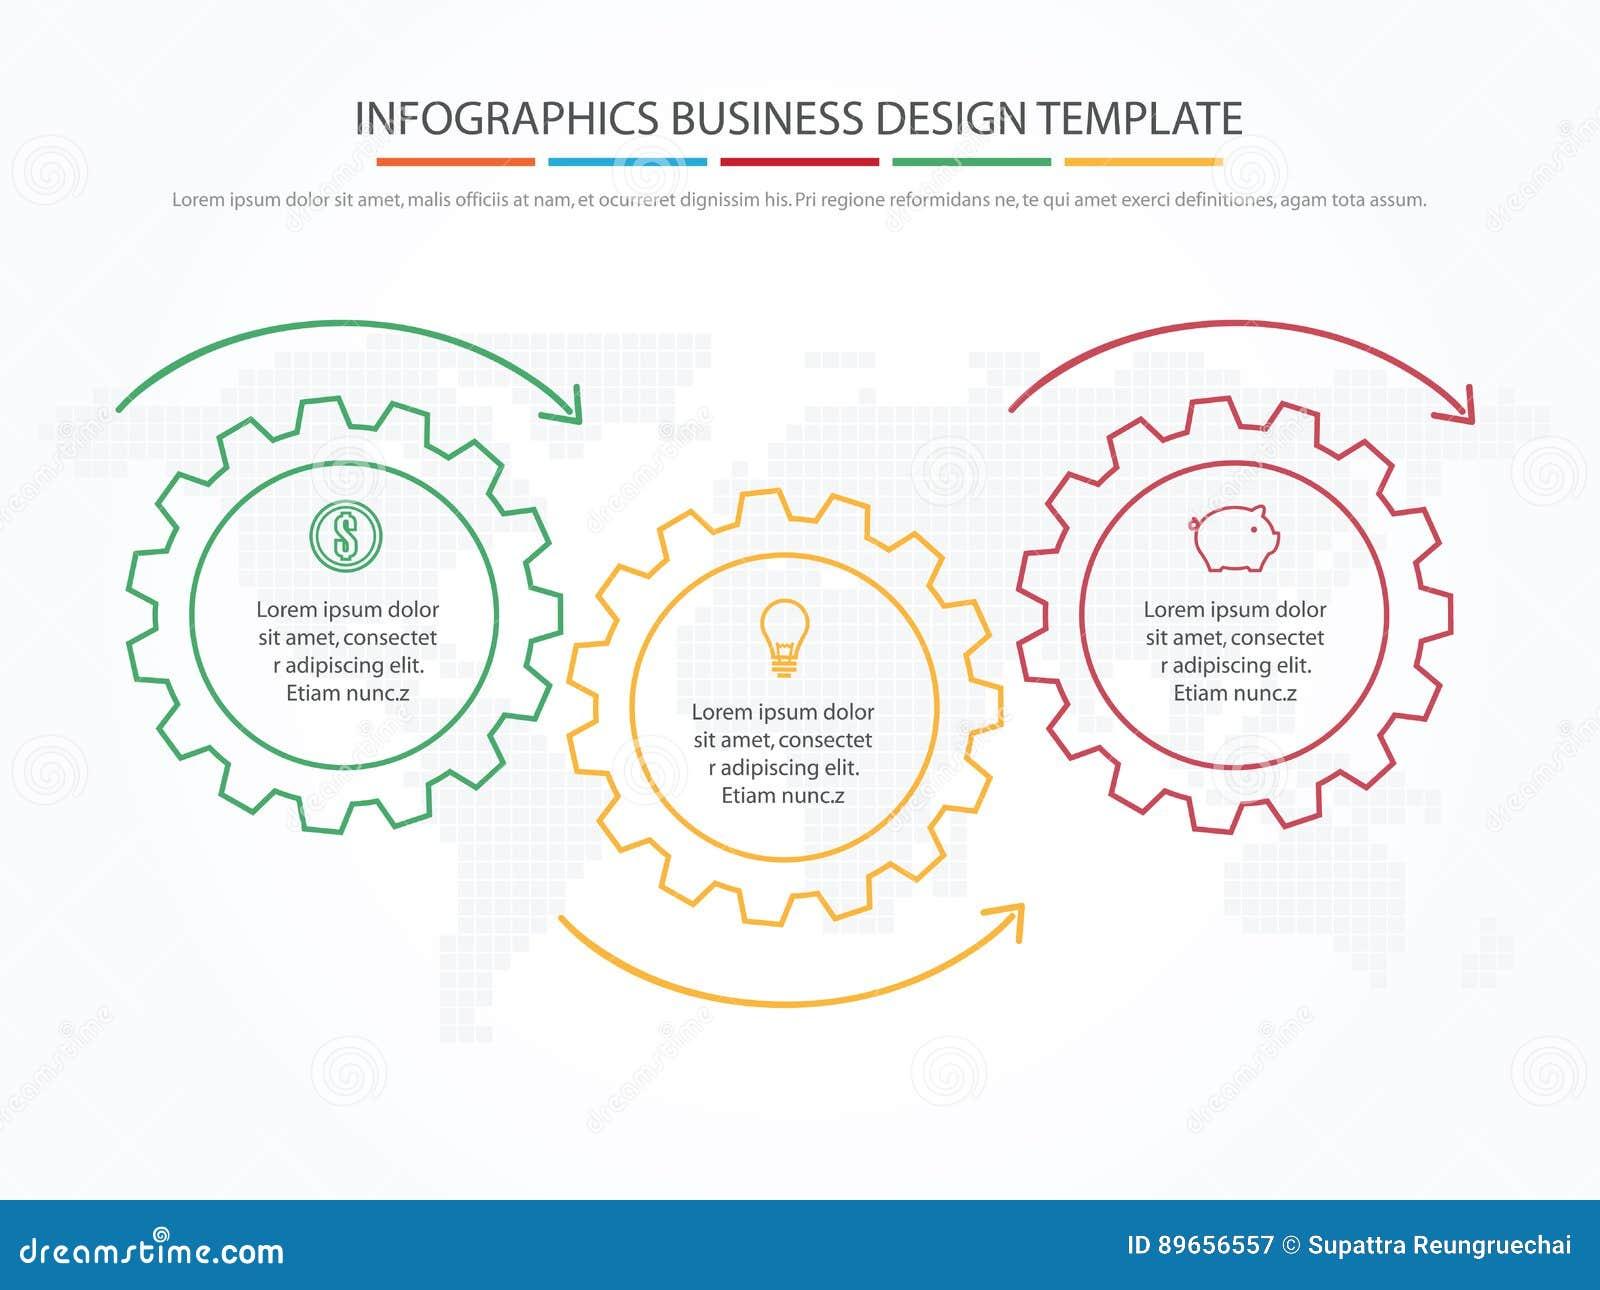 Επιχείρηση Infographics Υπόδειξη ως προς το χρόνο με 3 βήματα, εργαλεία, cogwheels